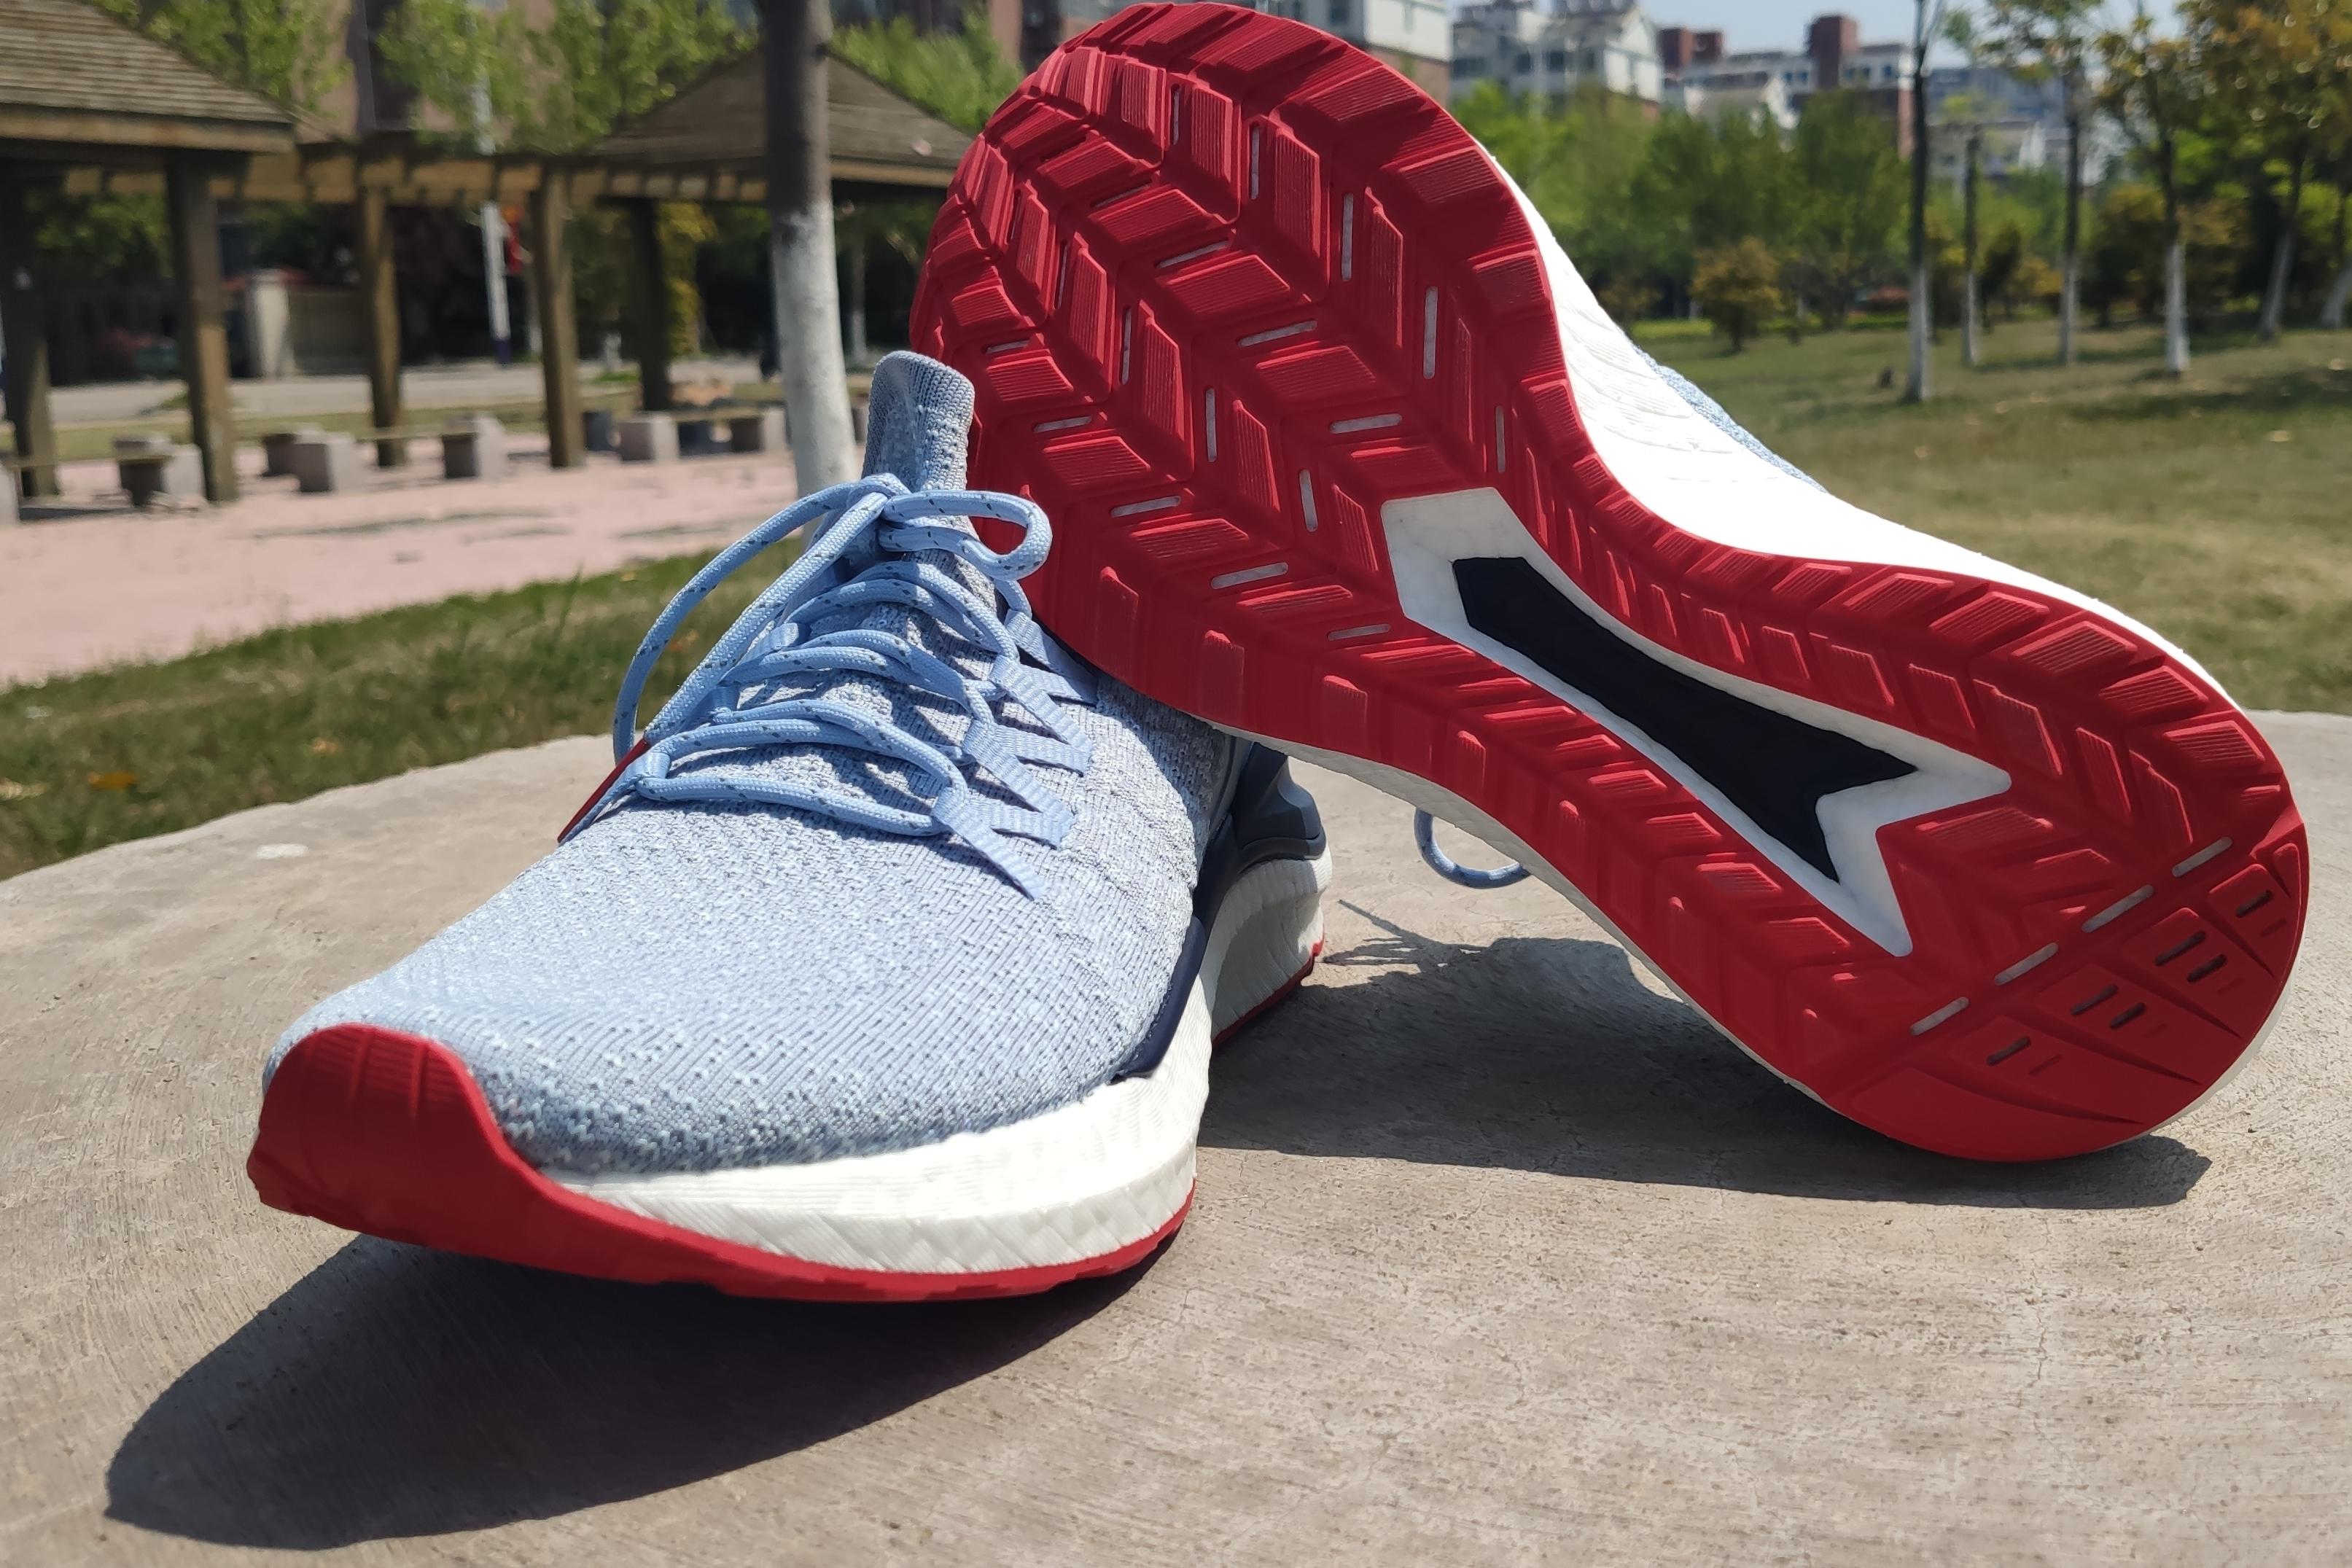 米家运动鞋4黑科技加持更加Q弹更加轻盈